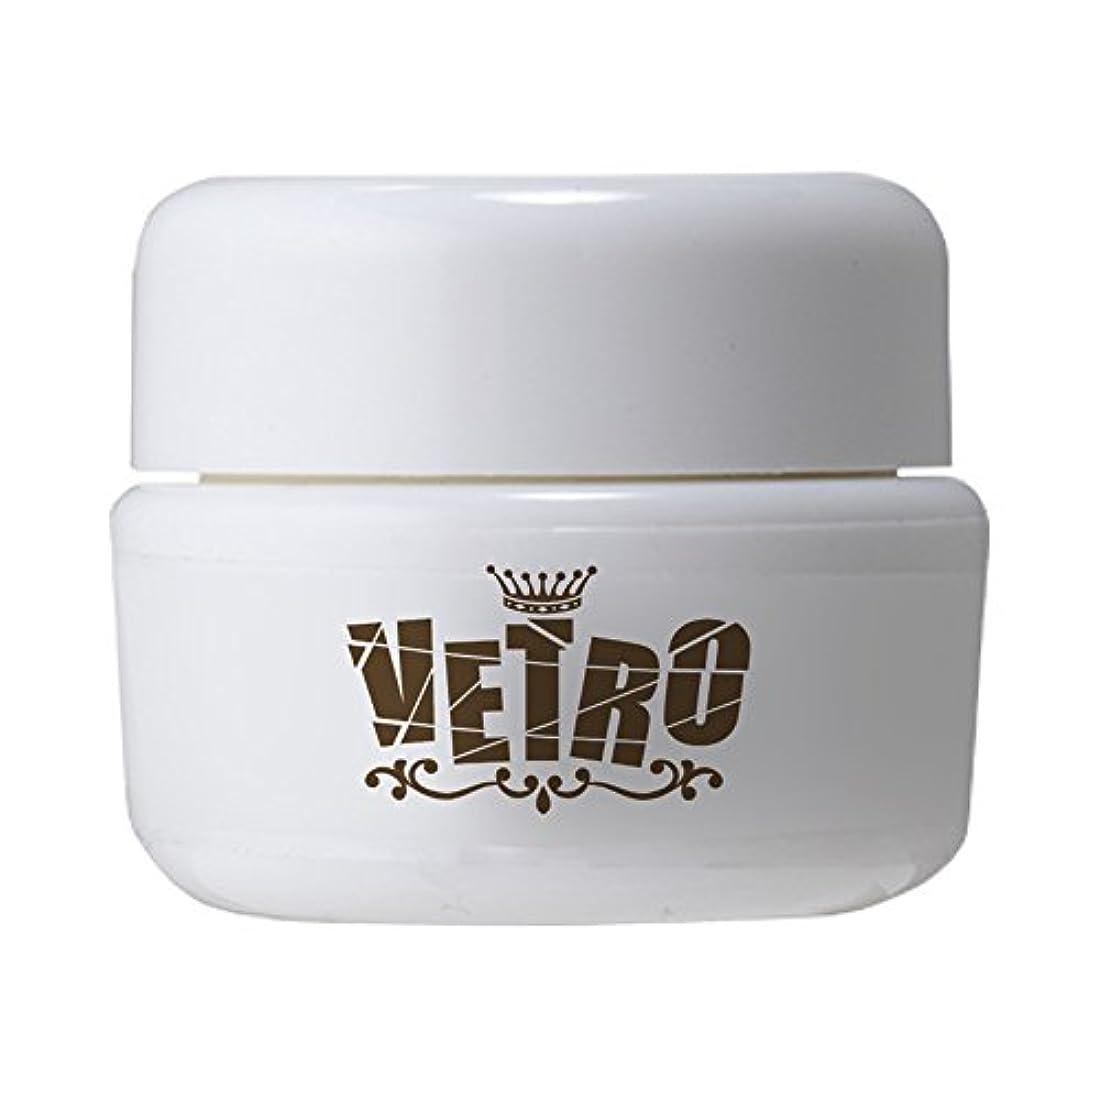 VETRO No.19 カラージェル シアー VL397 チョウシュンイロ 4ml